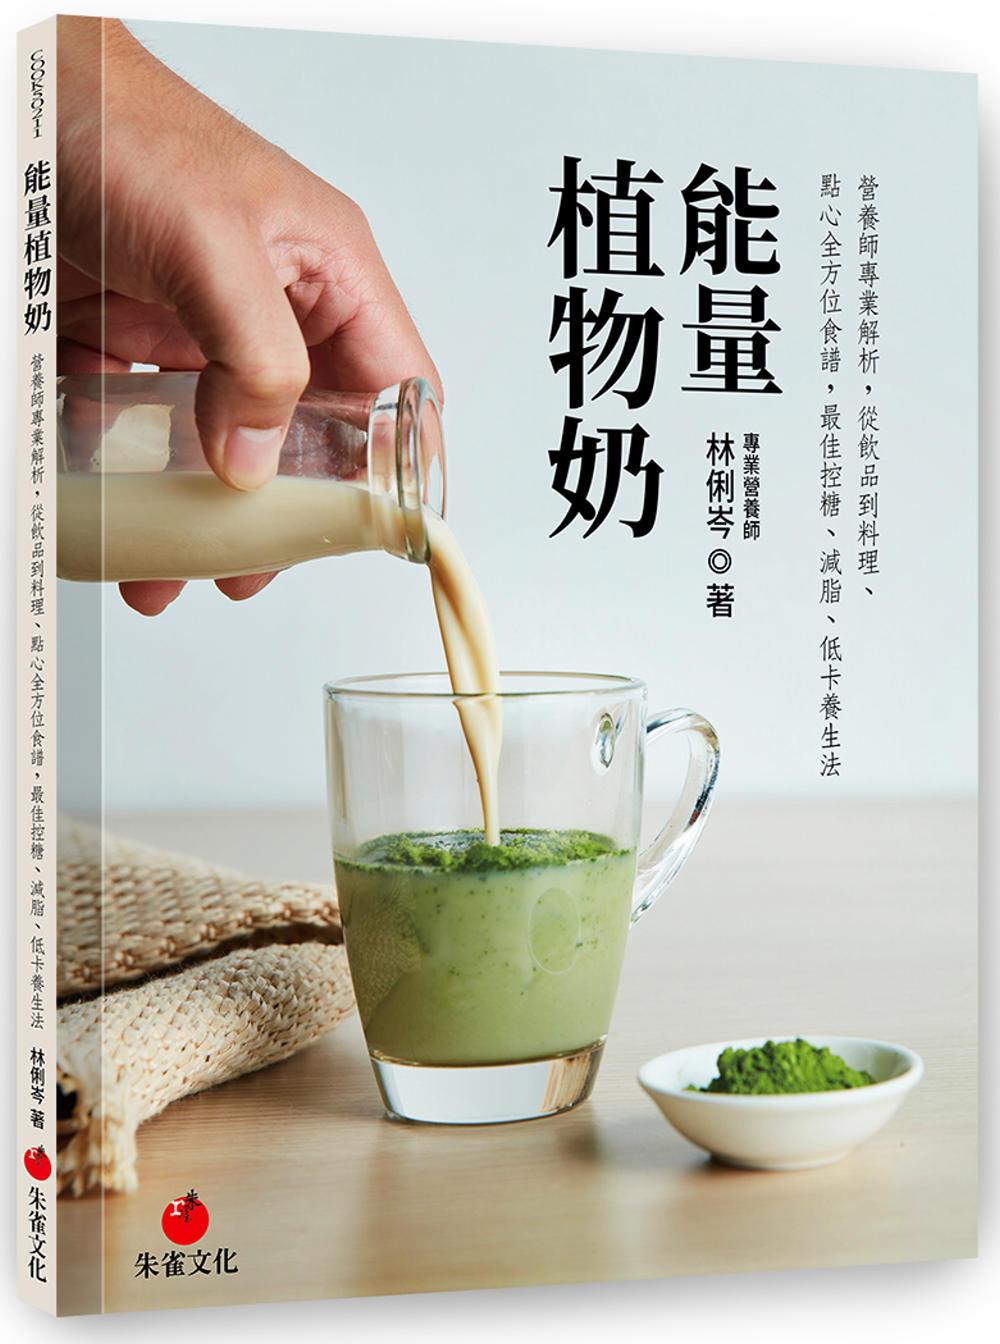 能量植物奶:營養師專業解析,從...